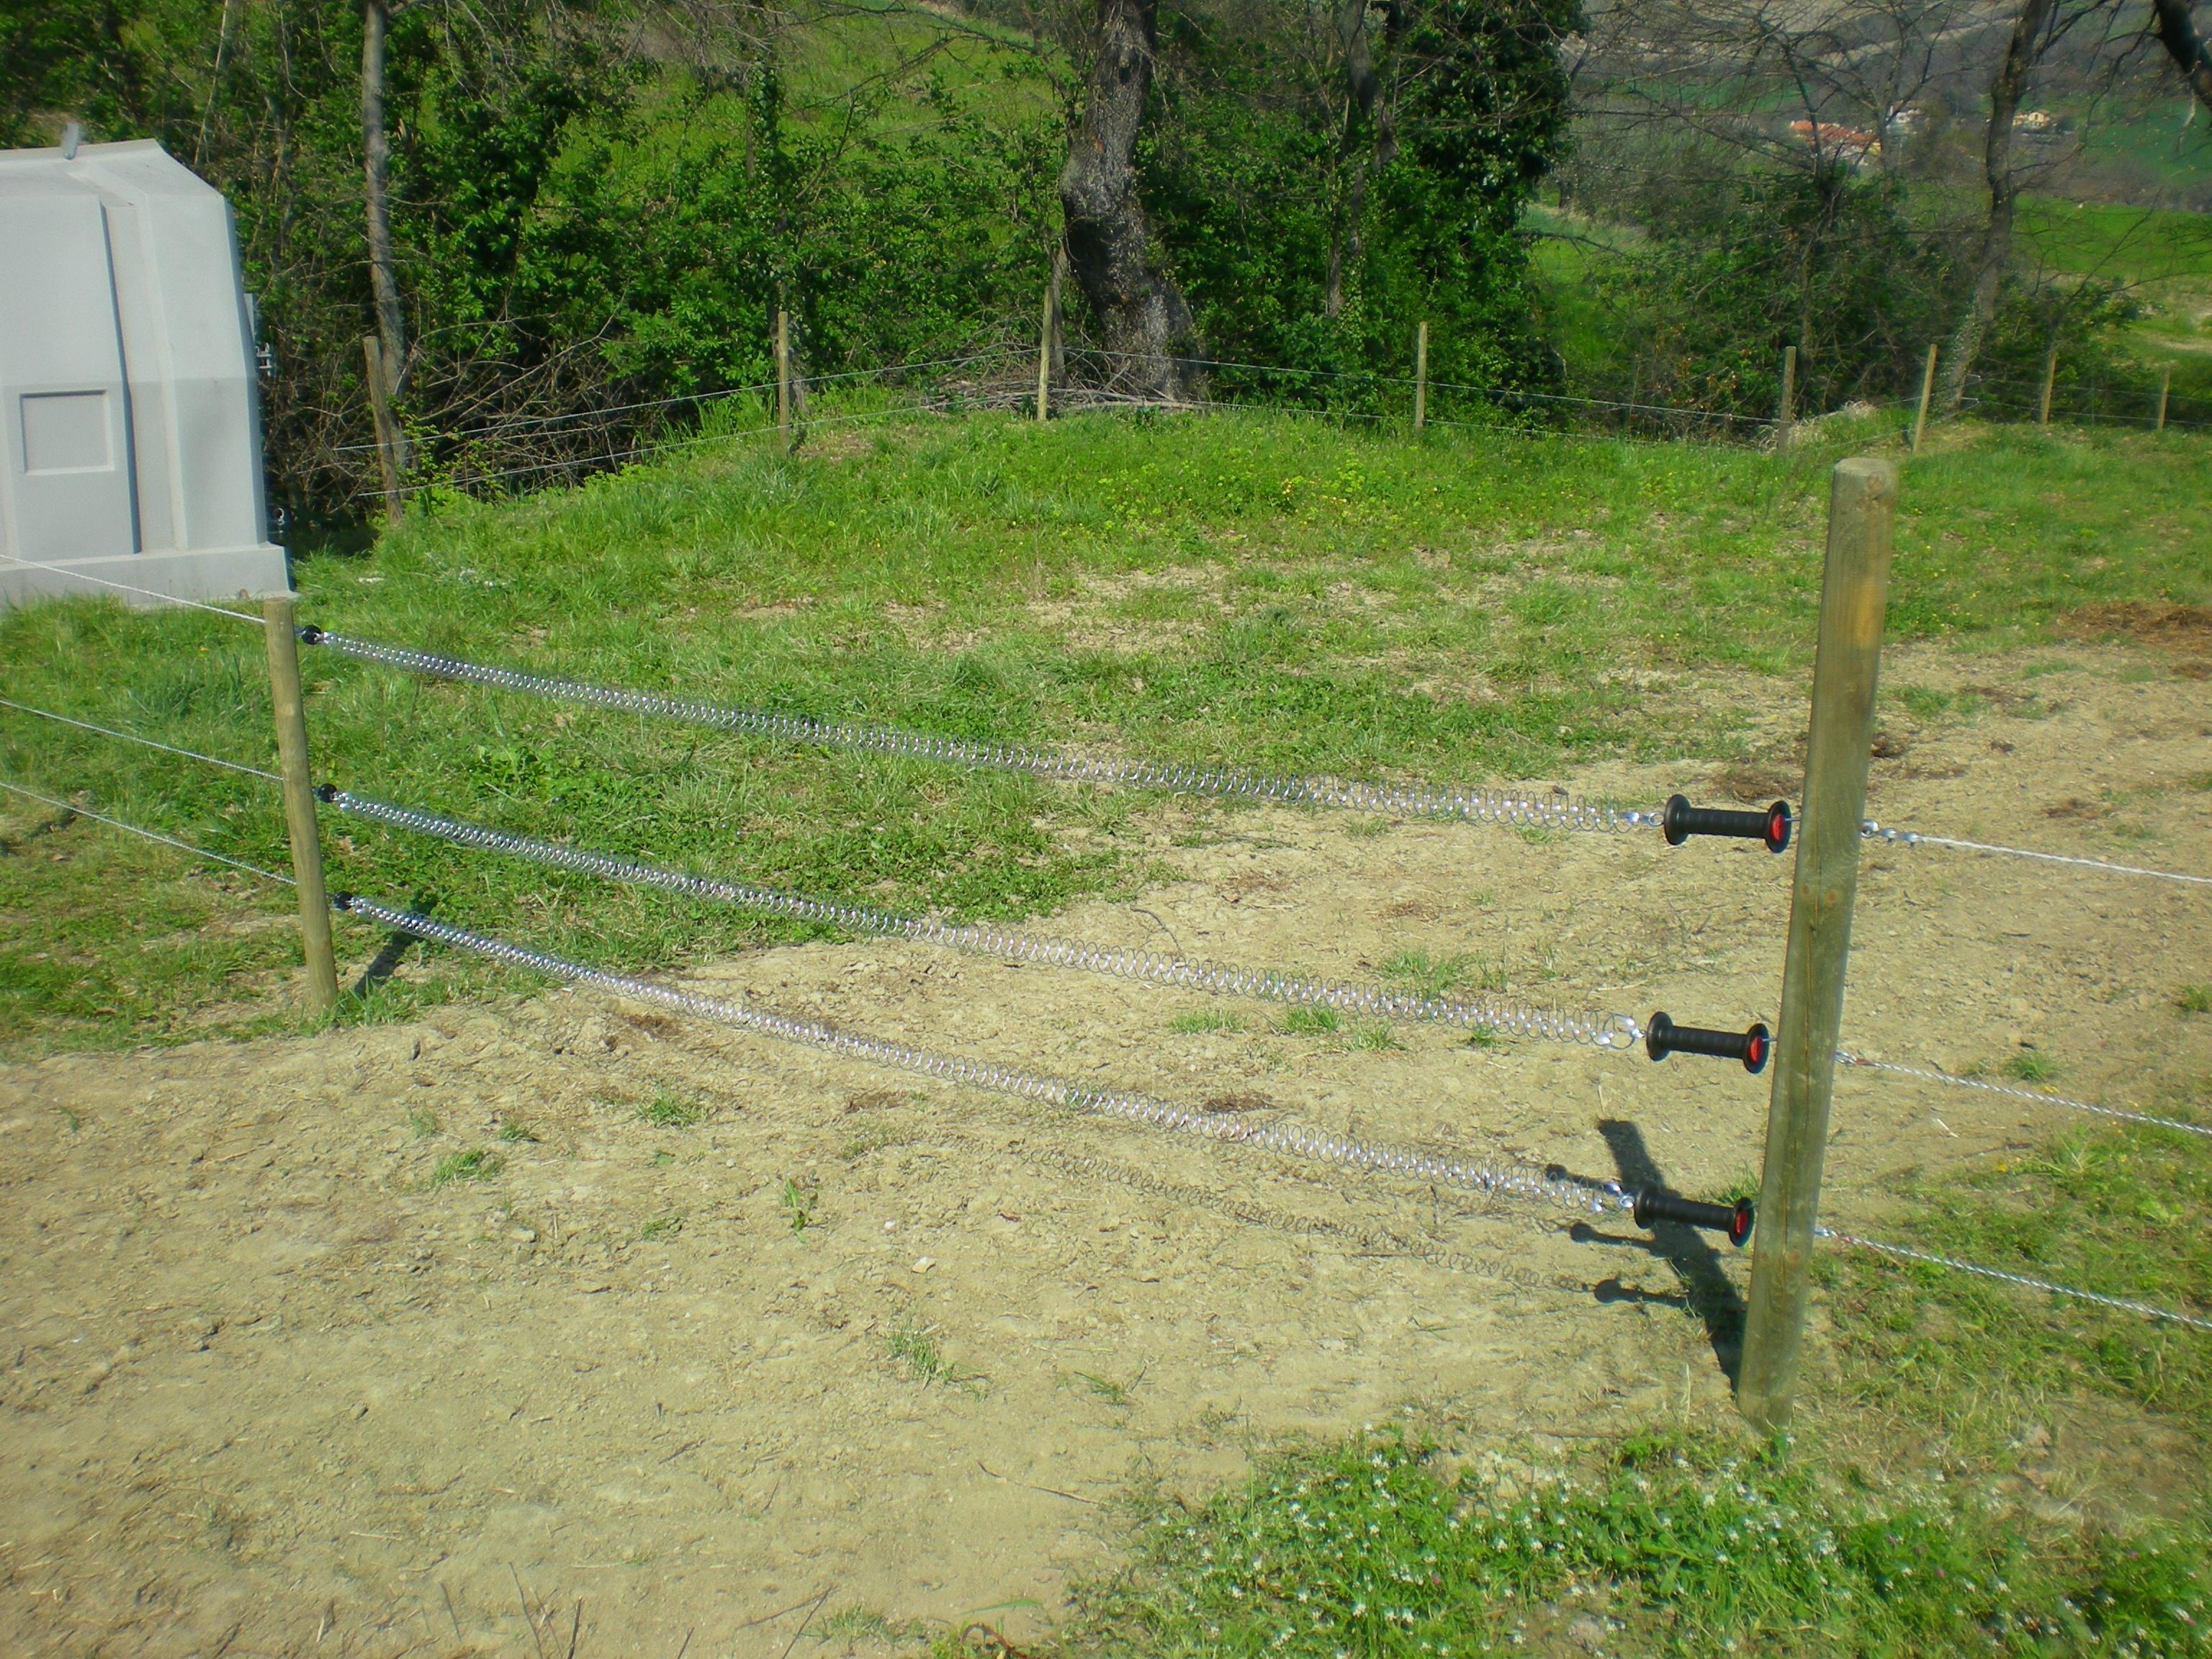 Recinto Elettrico Per Cavalli.Recinto Elettrico Il Mondo Agrizoo Agri Zoo Zootecnica